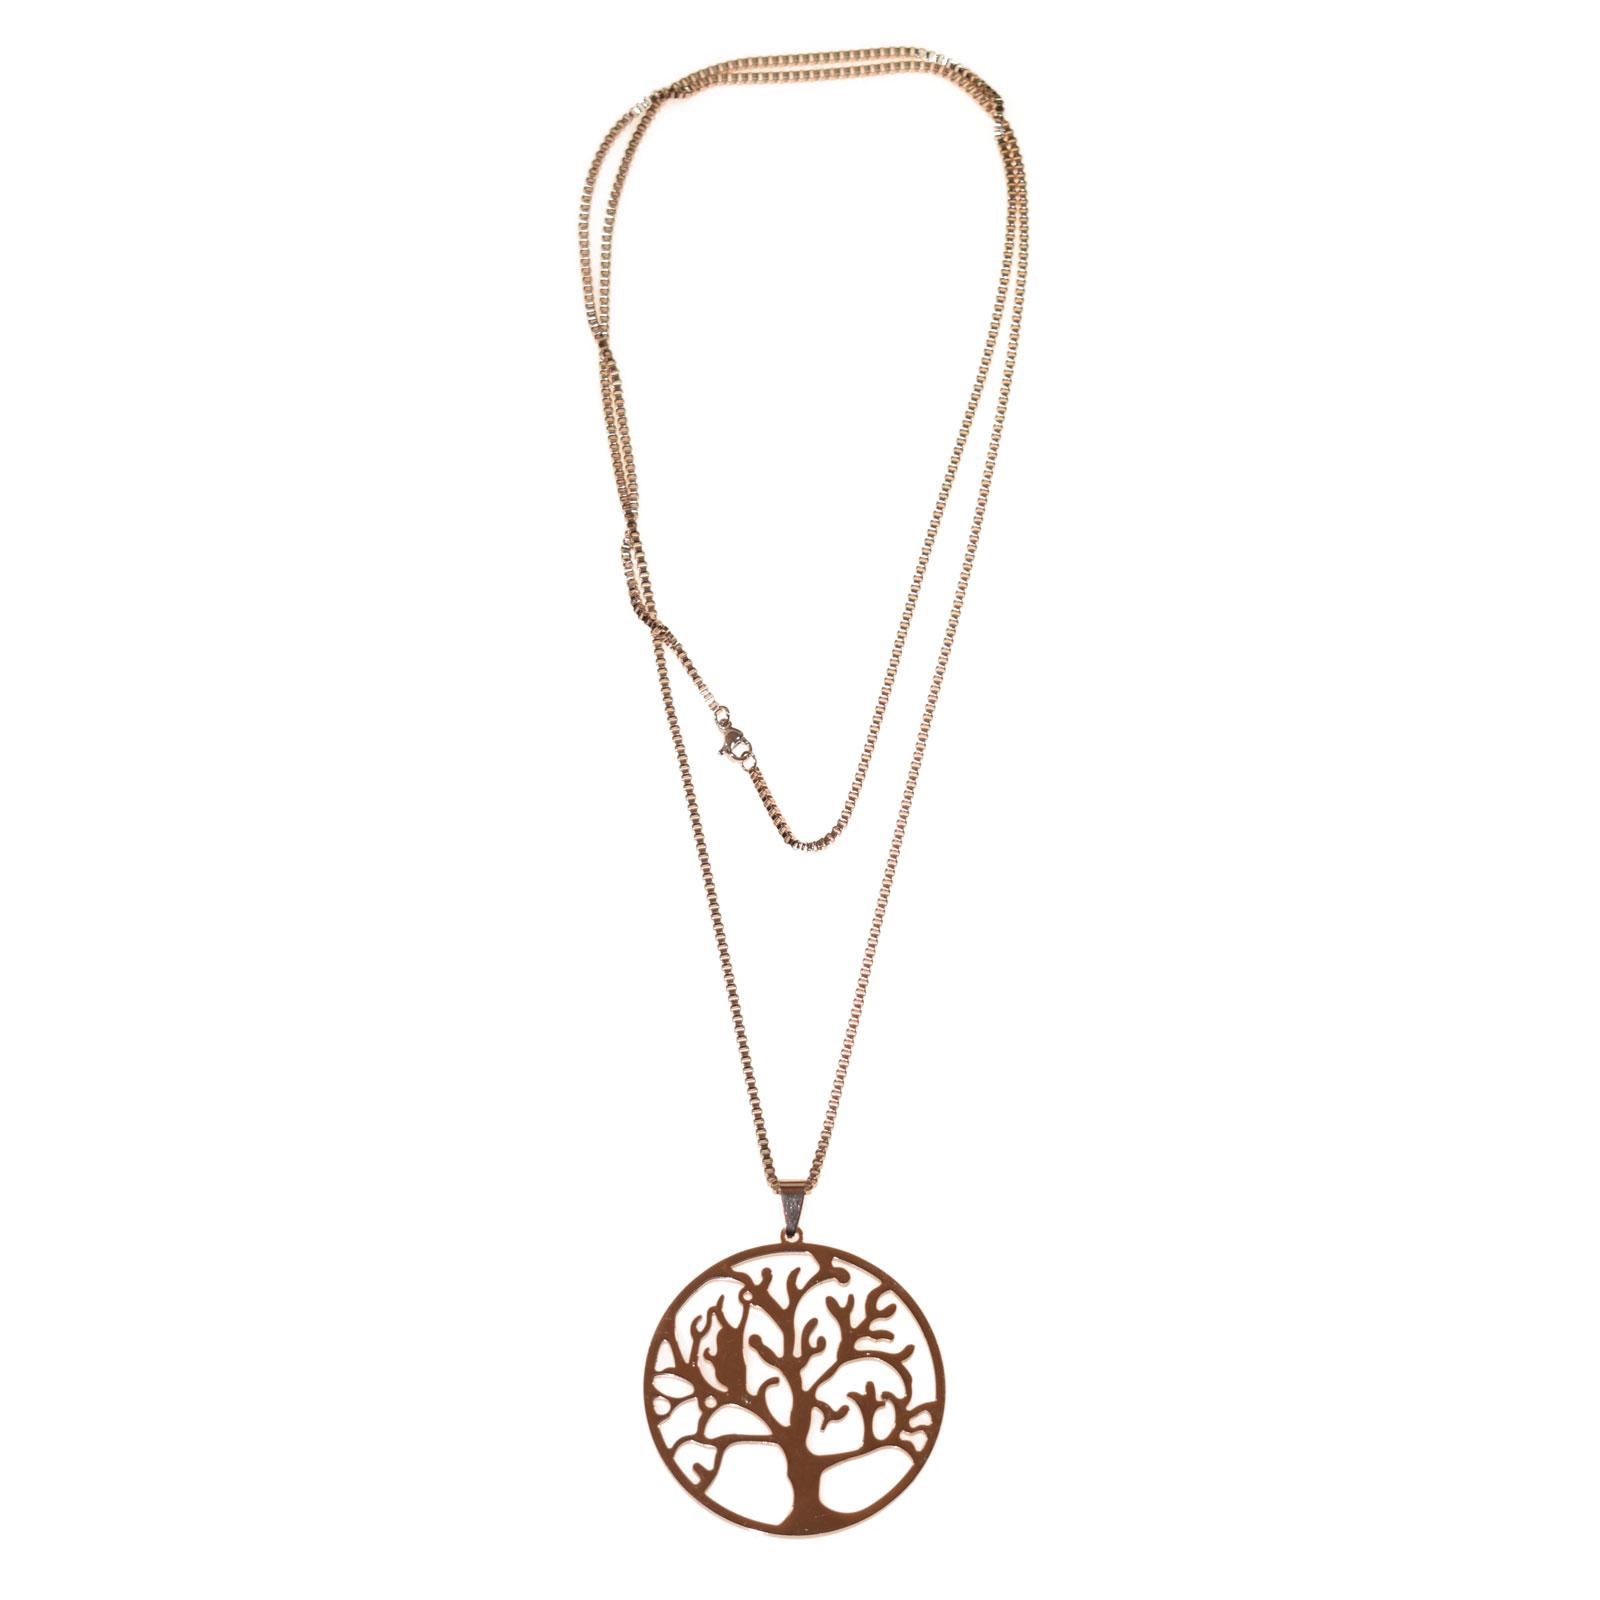 Κολιέ ατσάλινο (stainless steel) ροζ χρυσό δέντρο της ζωής BZ-NK-00182 392275499c9